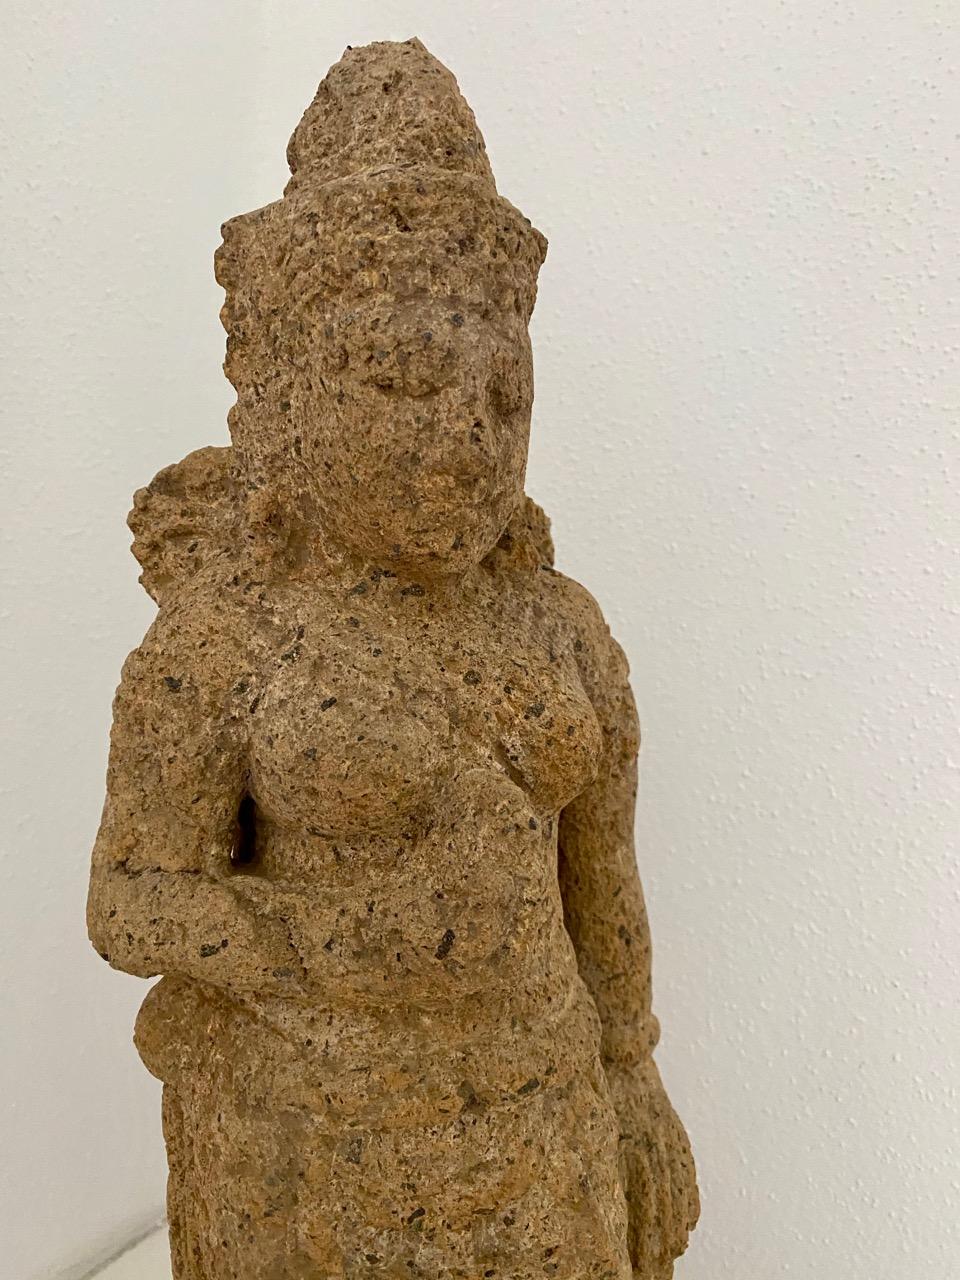 Göttin Dewi antikstyle 43 cm